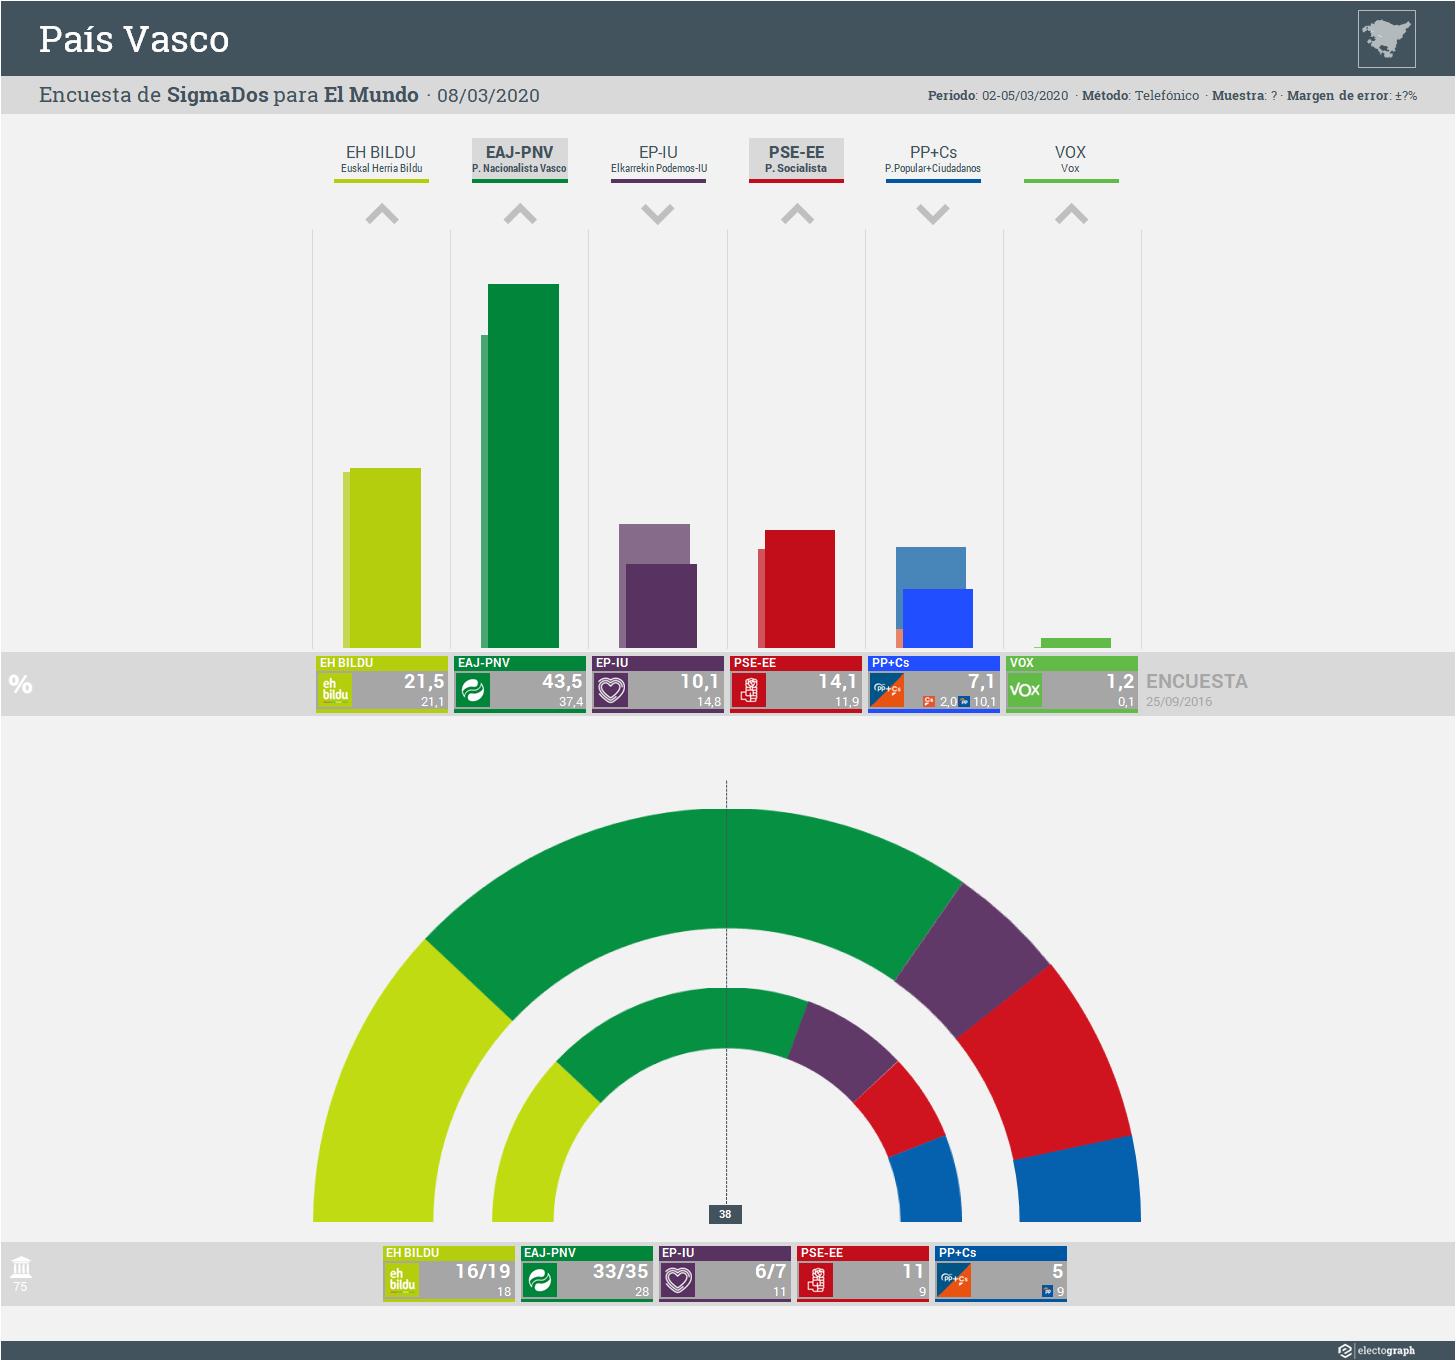 Gráfico de la encuesta para elecciones autonómicas en el País Vasco realizada por SigmaDos para El Mundo, 8 de marzo de 2020